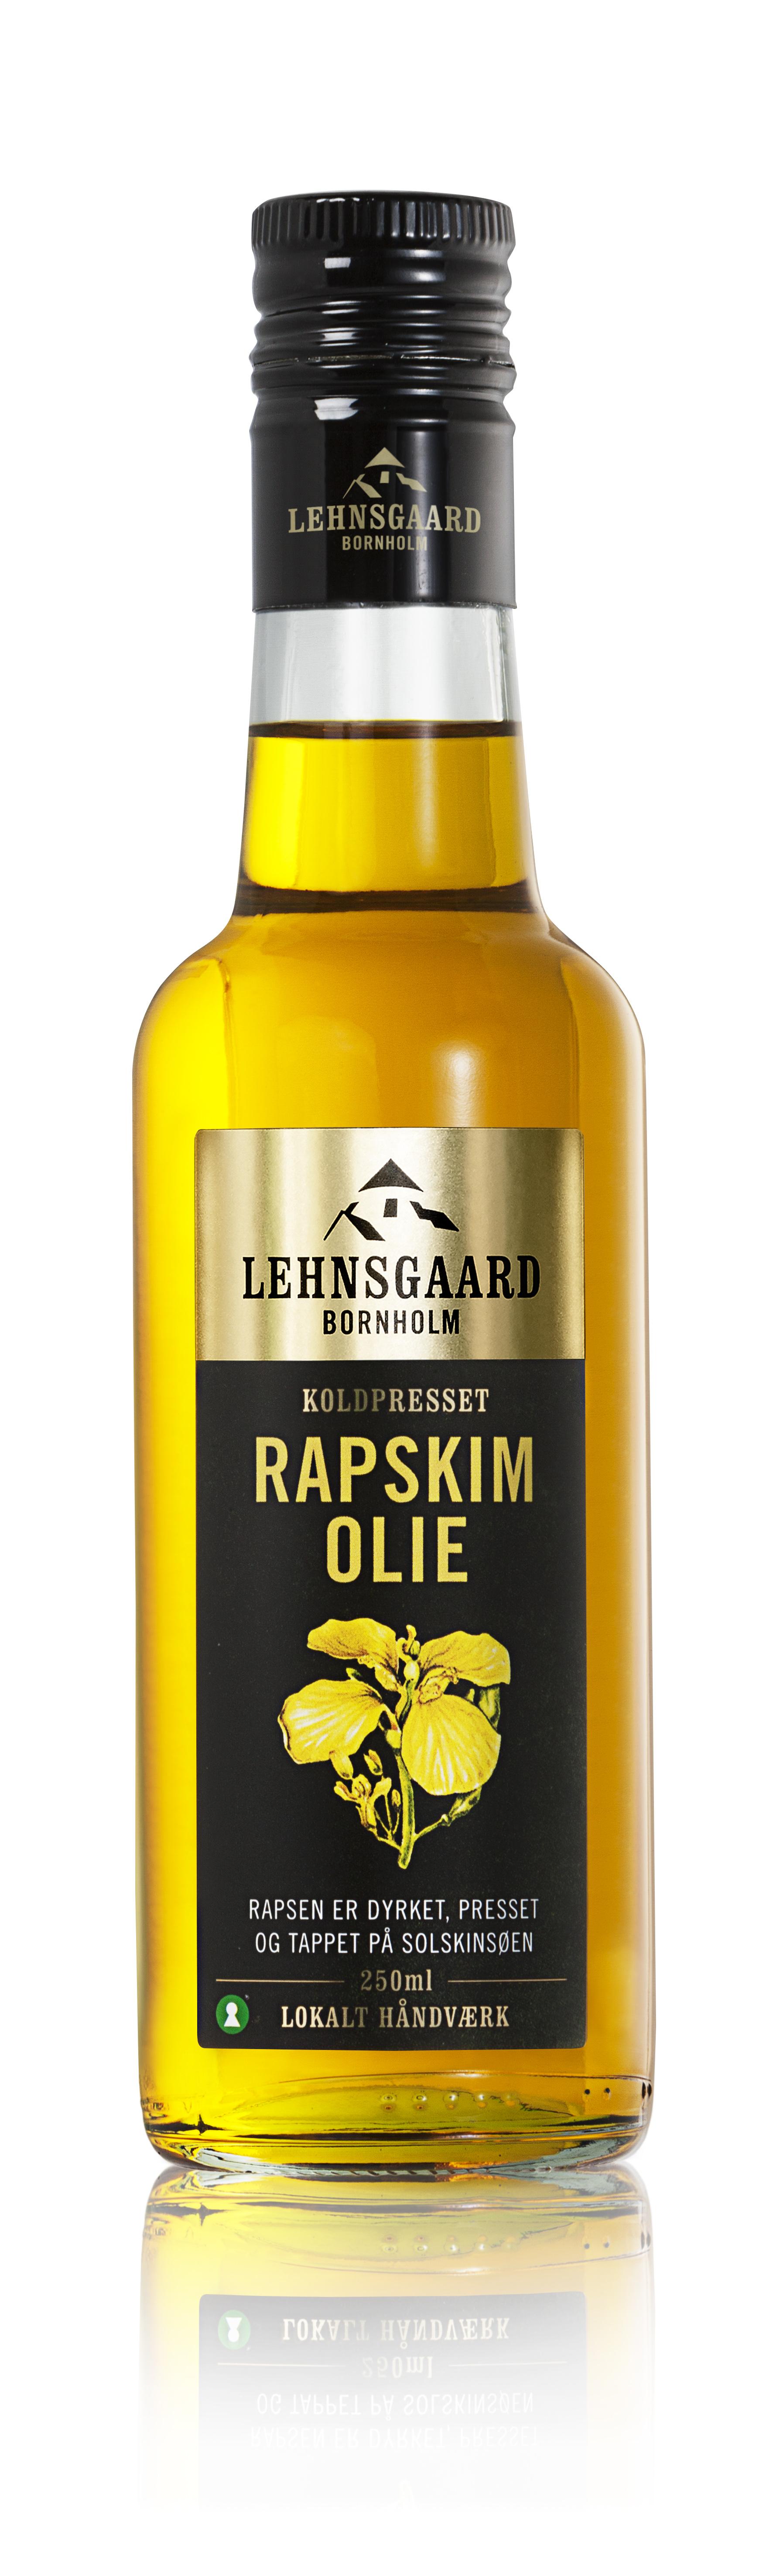 Lehnsgaard Rapskimolie